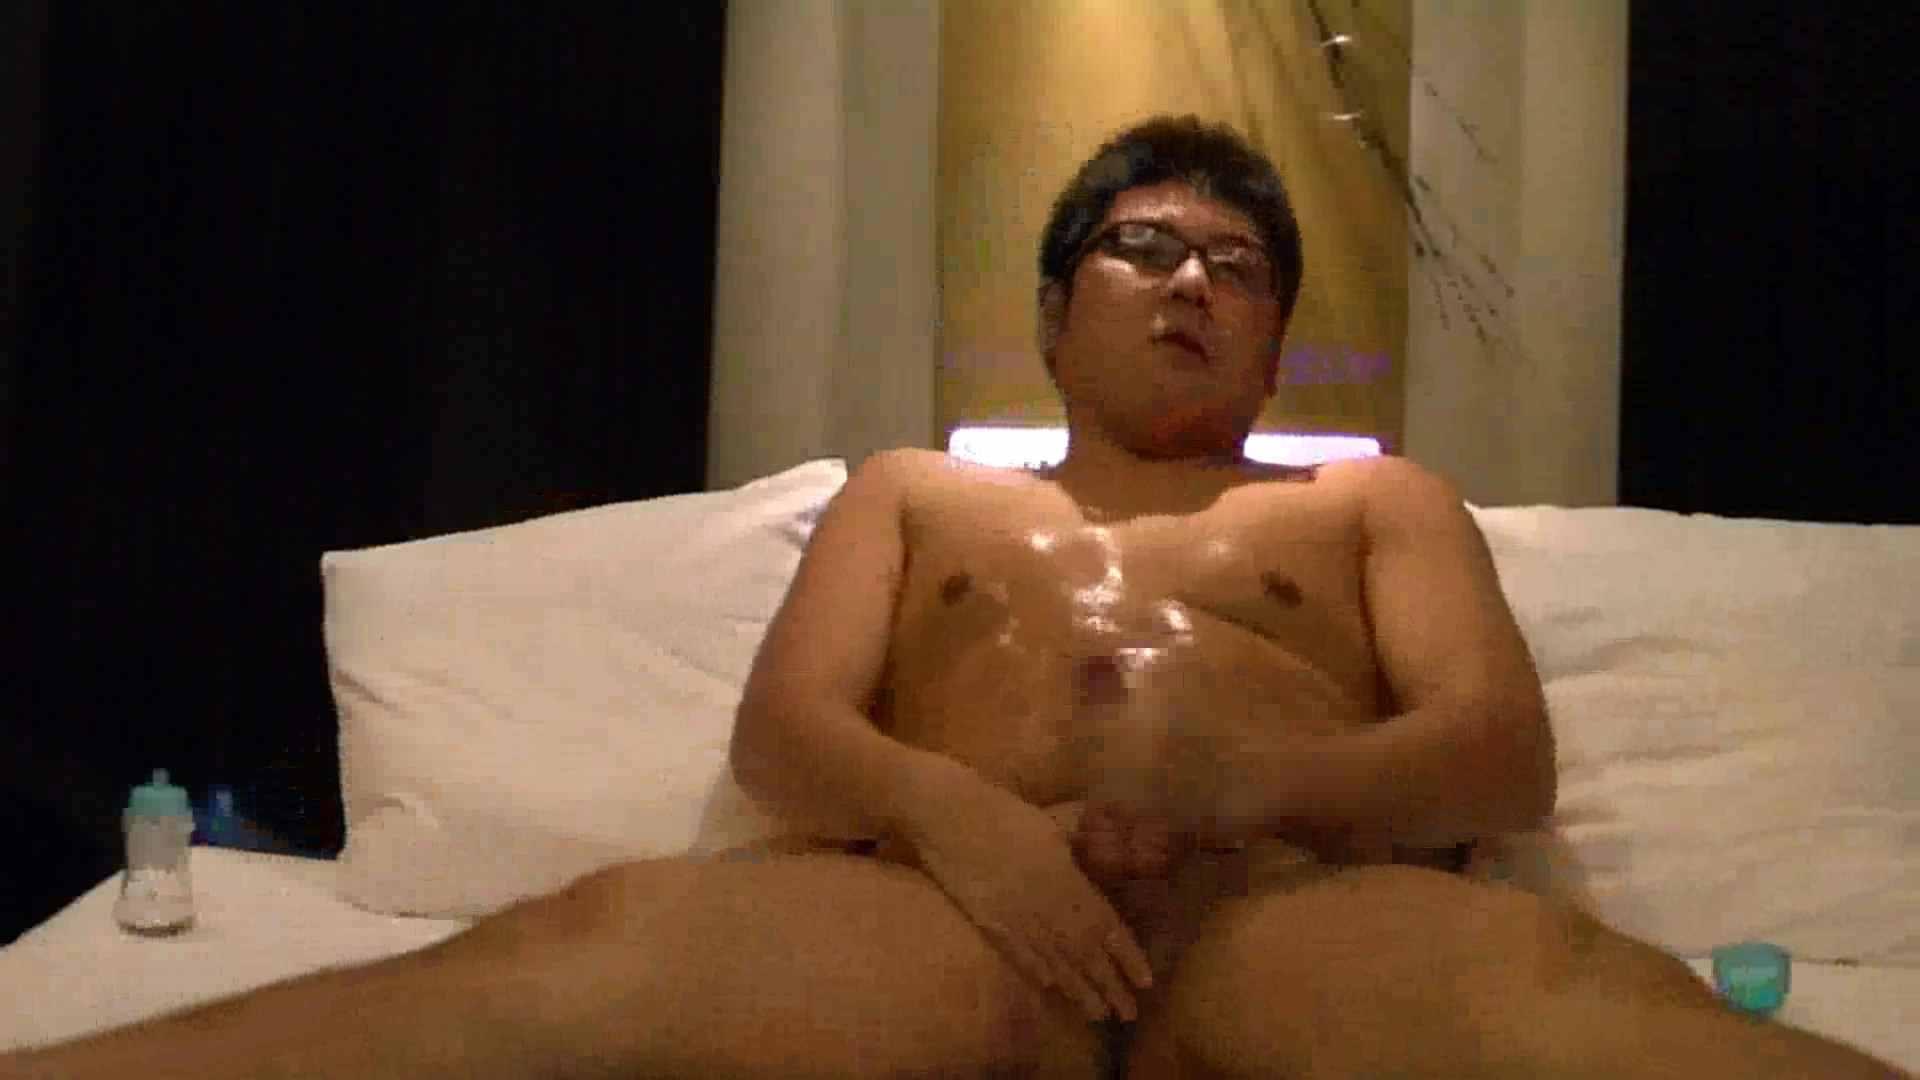 ONA見せカーニバル!! Vol5 エッチ  89pic 3